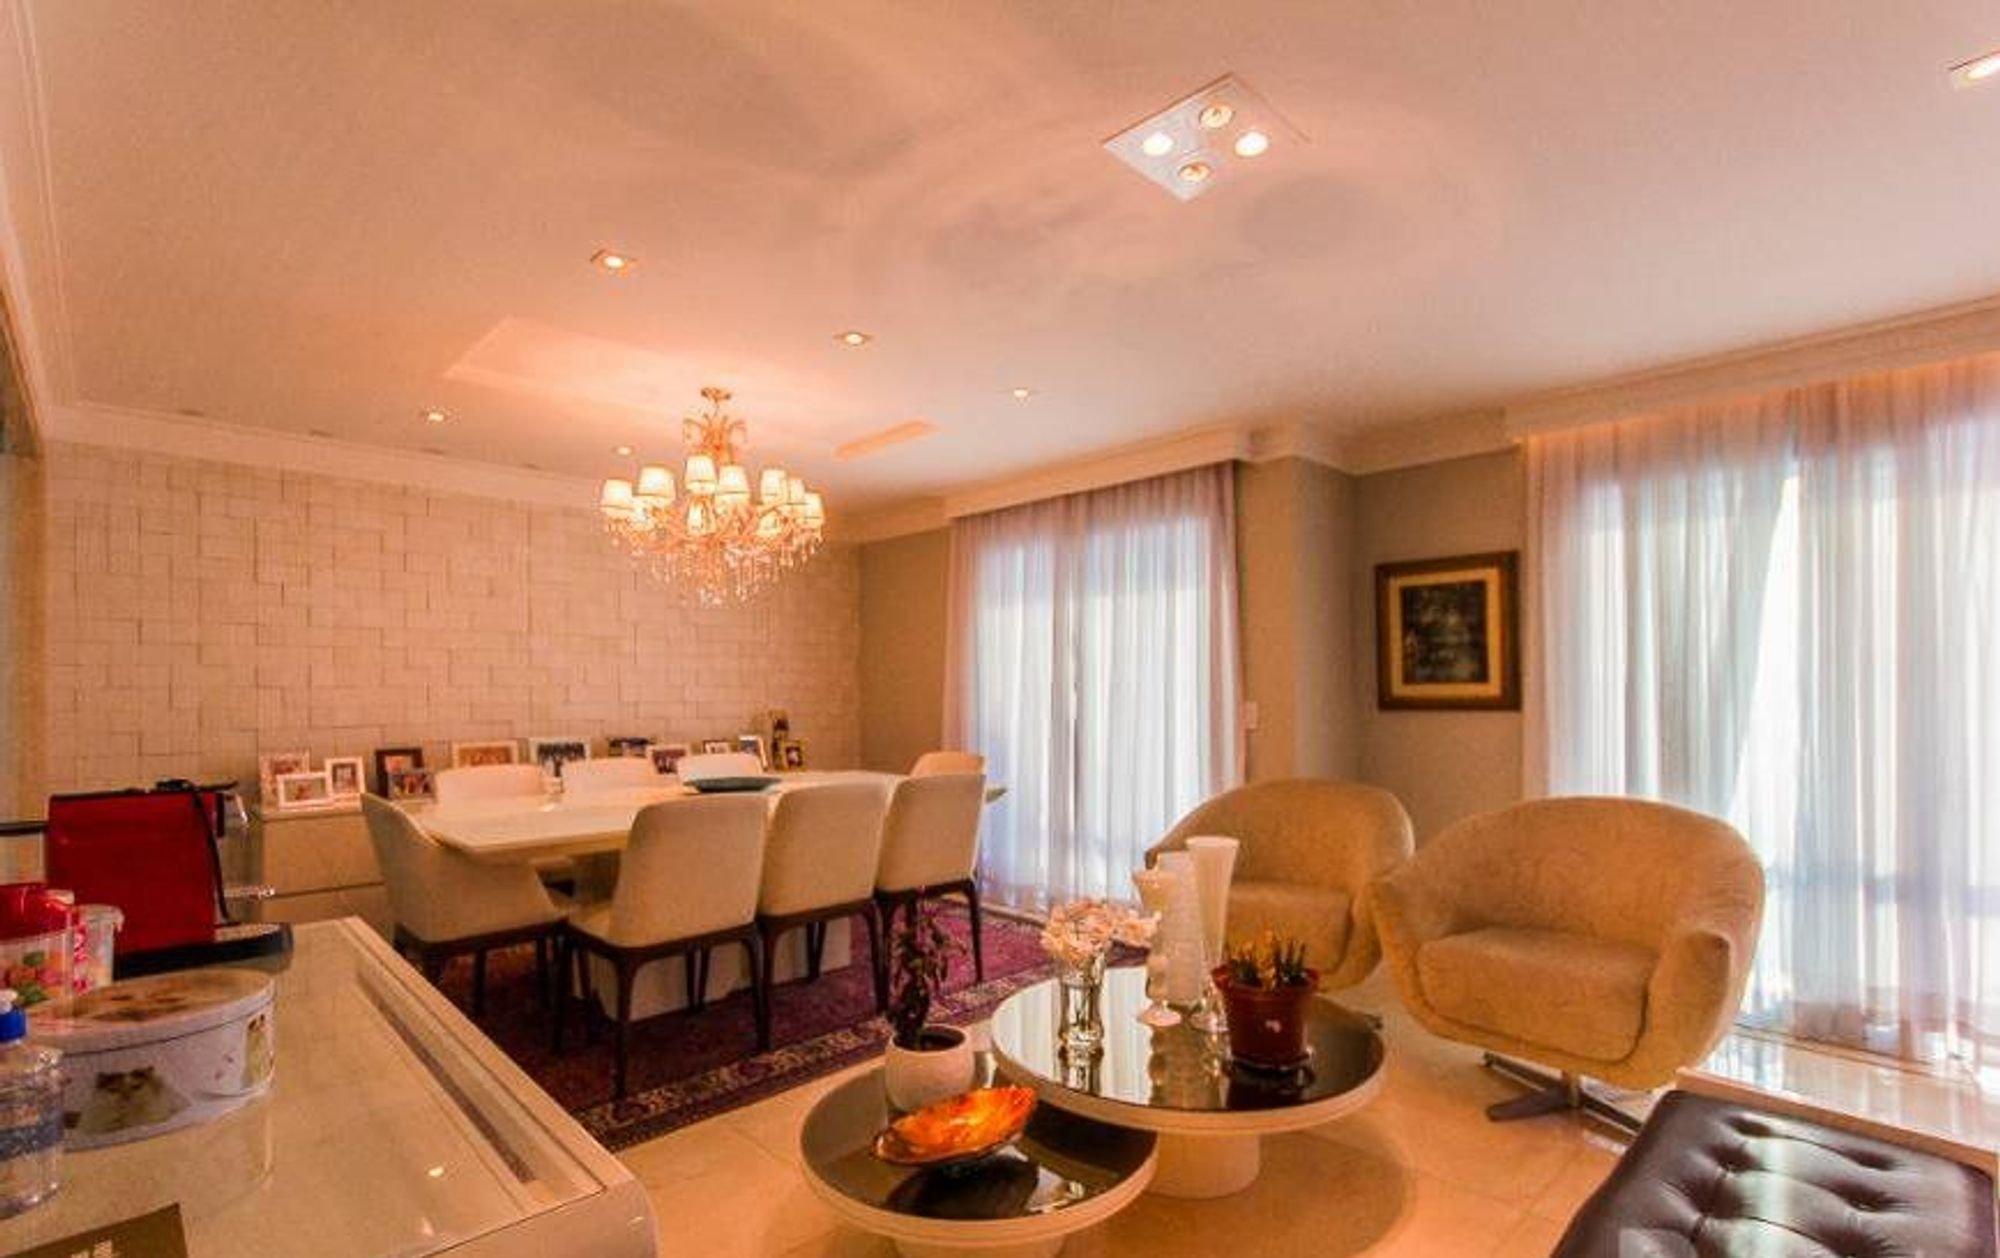 Foto de Sala com copo de vinho, vaso, garrafa, cadeira